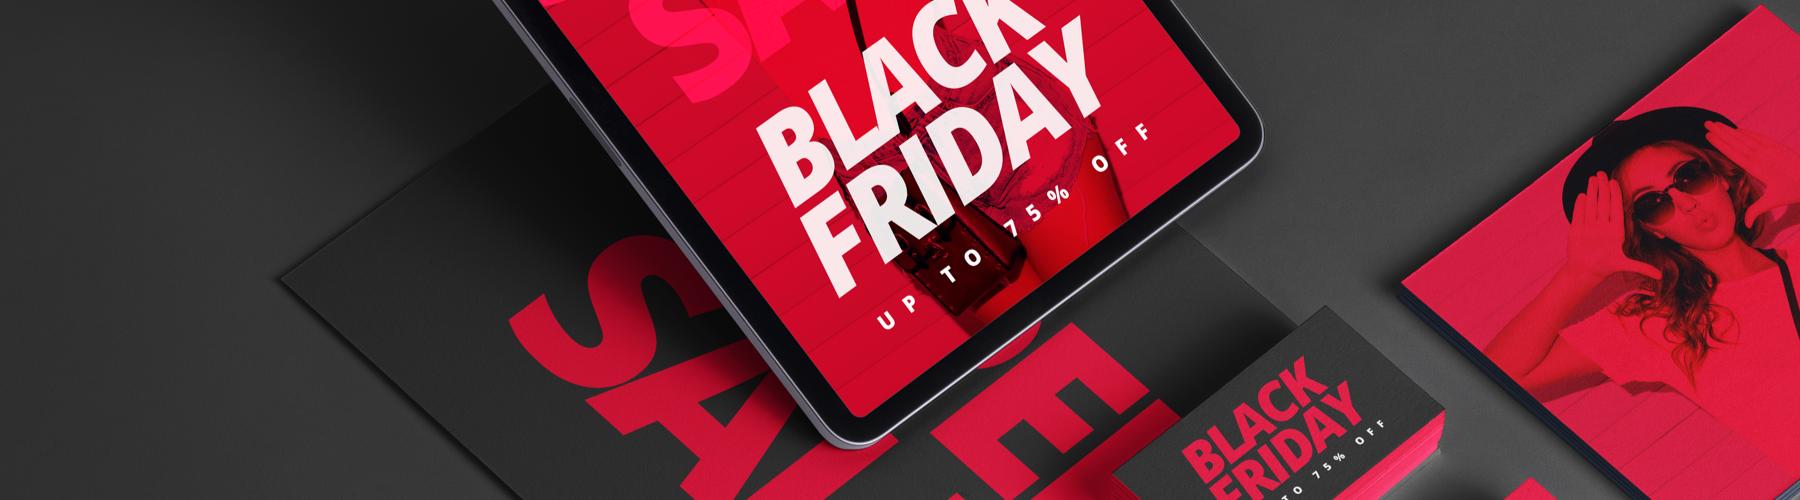 5 Ejemplos Geniales de Campañas de Marketing para Black Friday